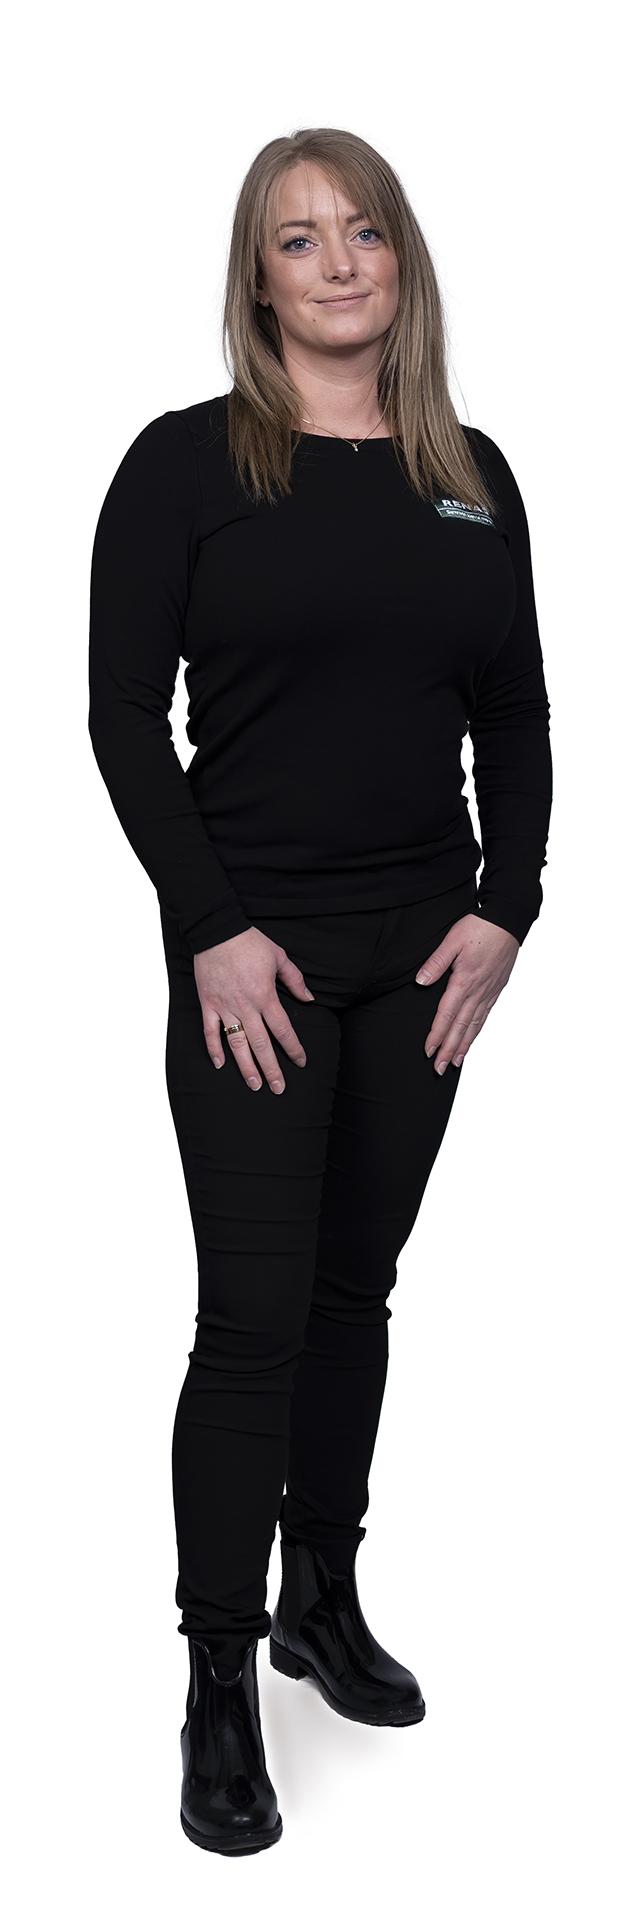 Renas Hel Figur 2021 1388